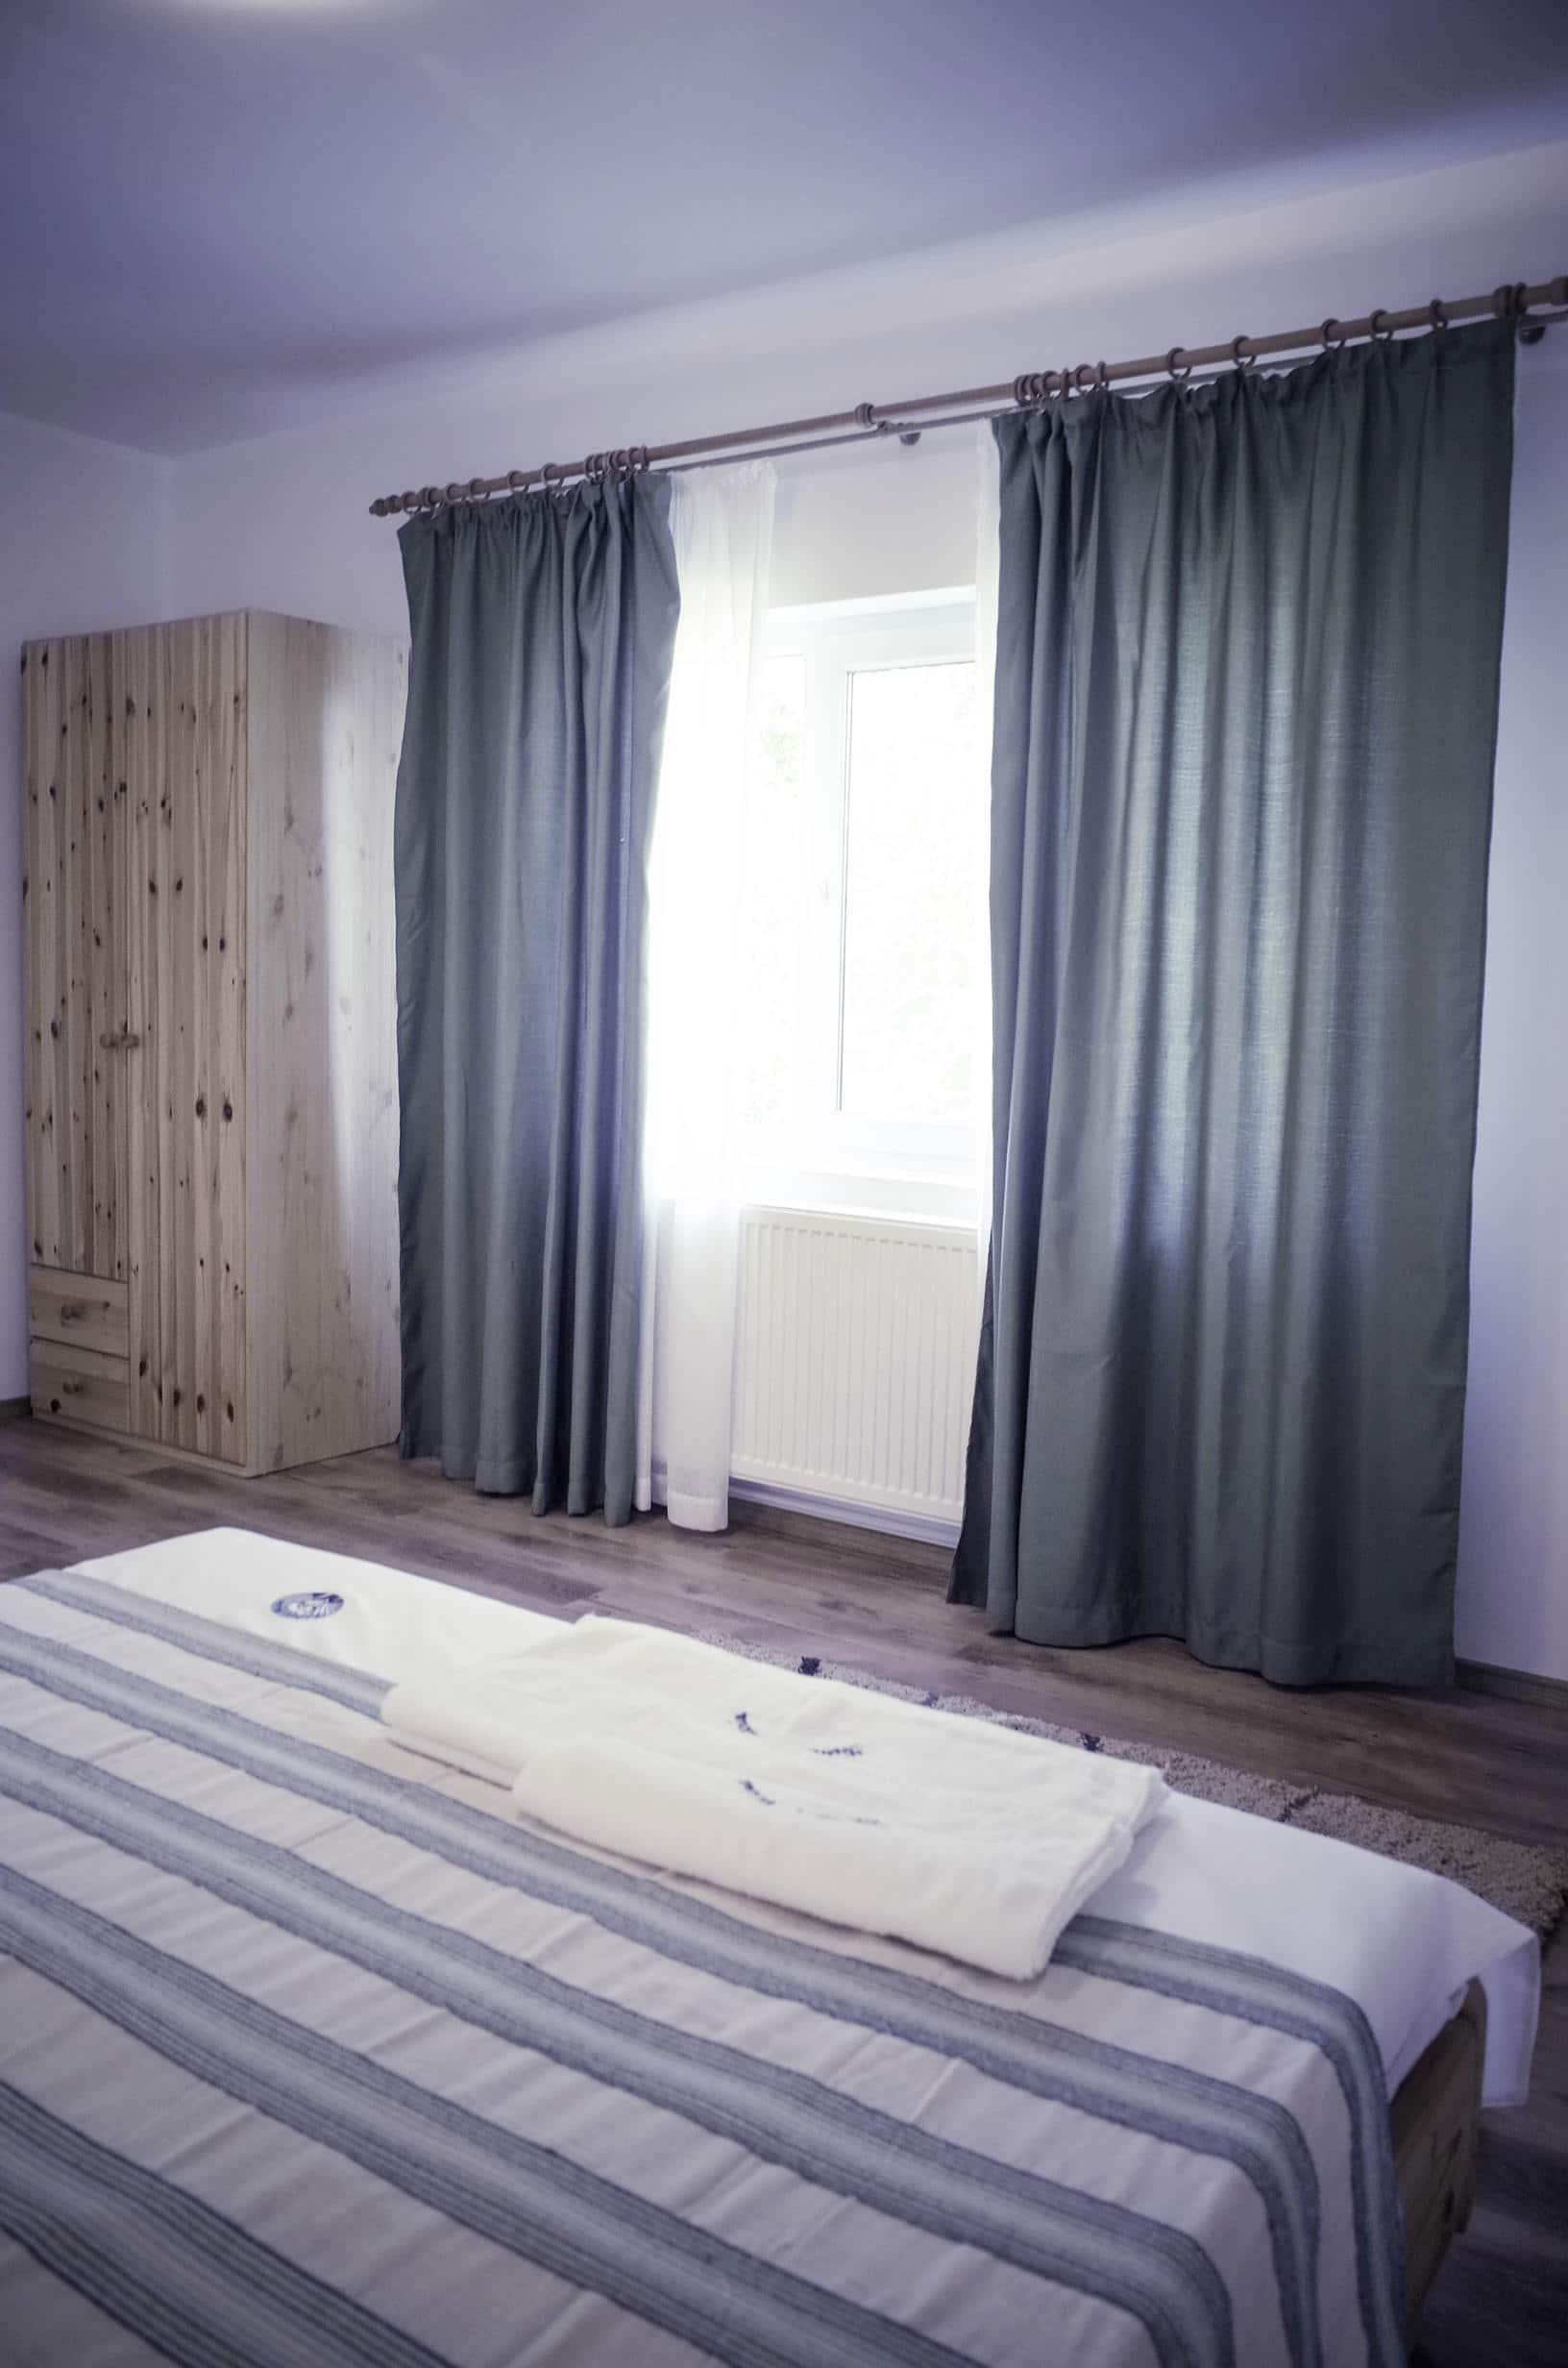 Room no. 6-3